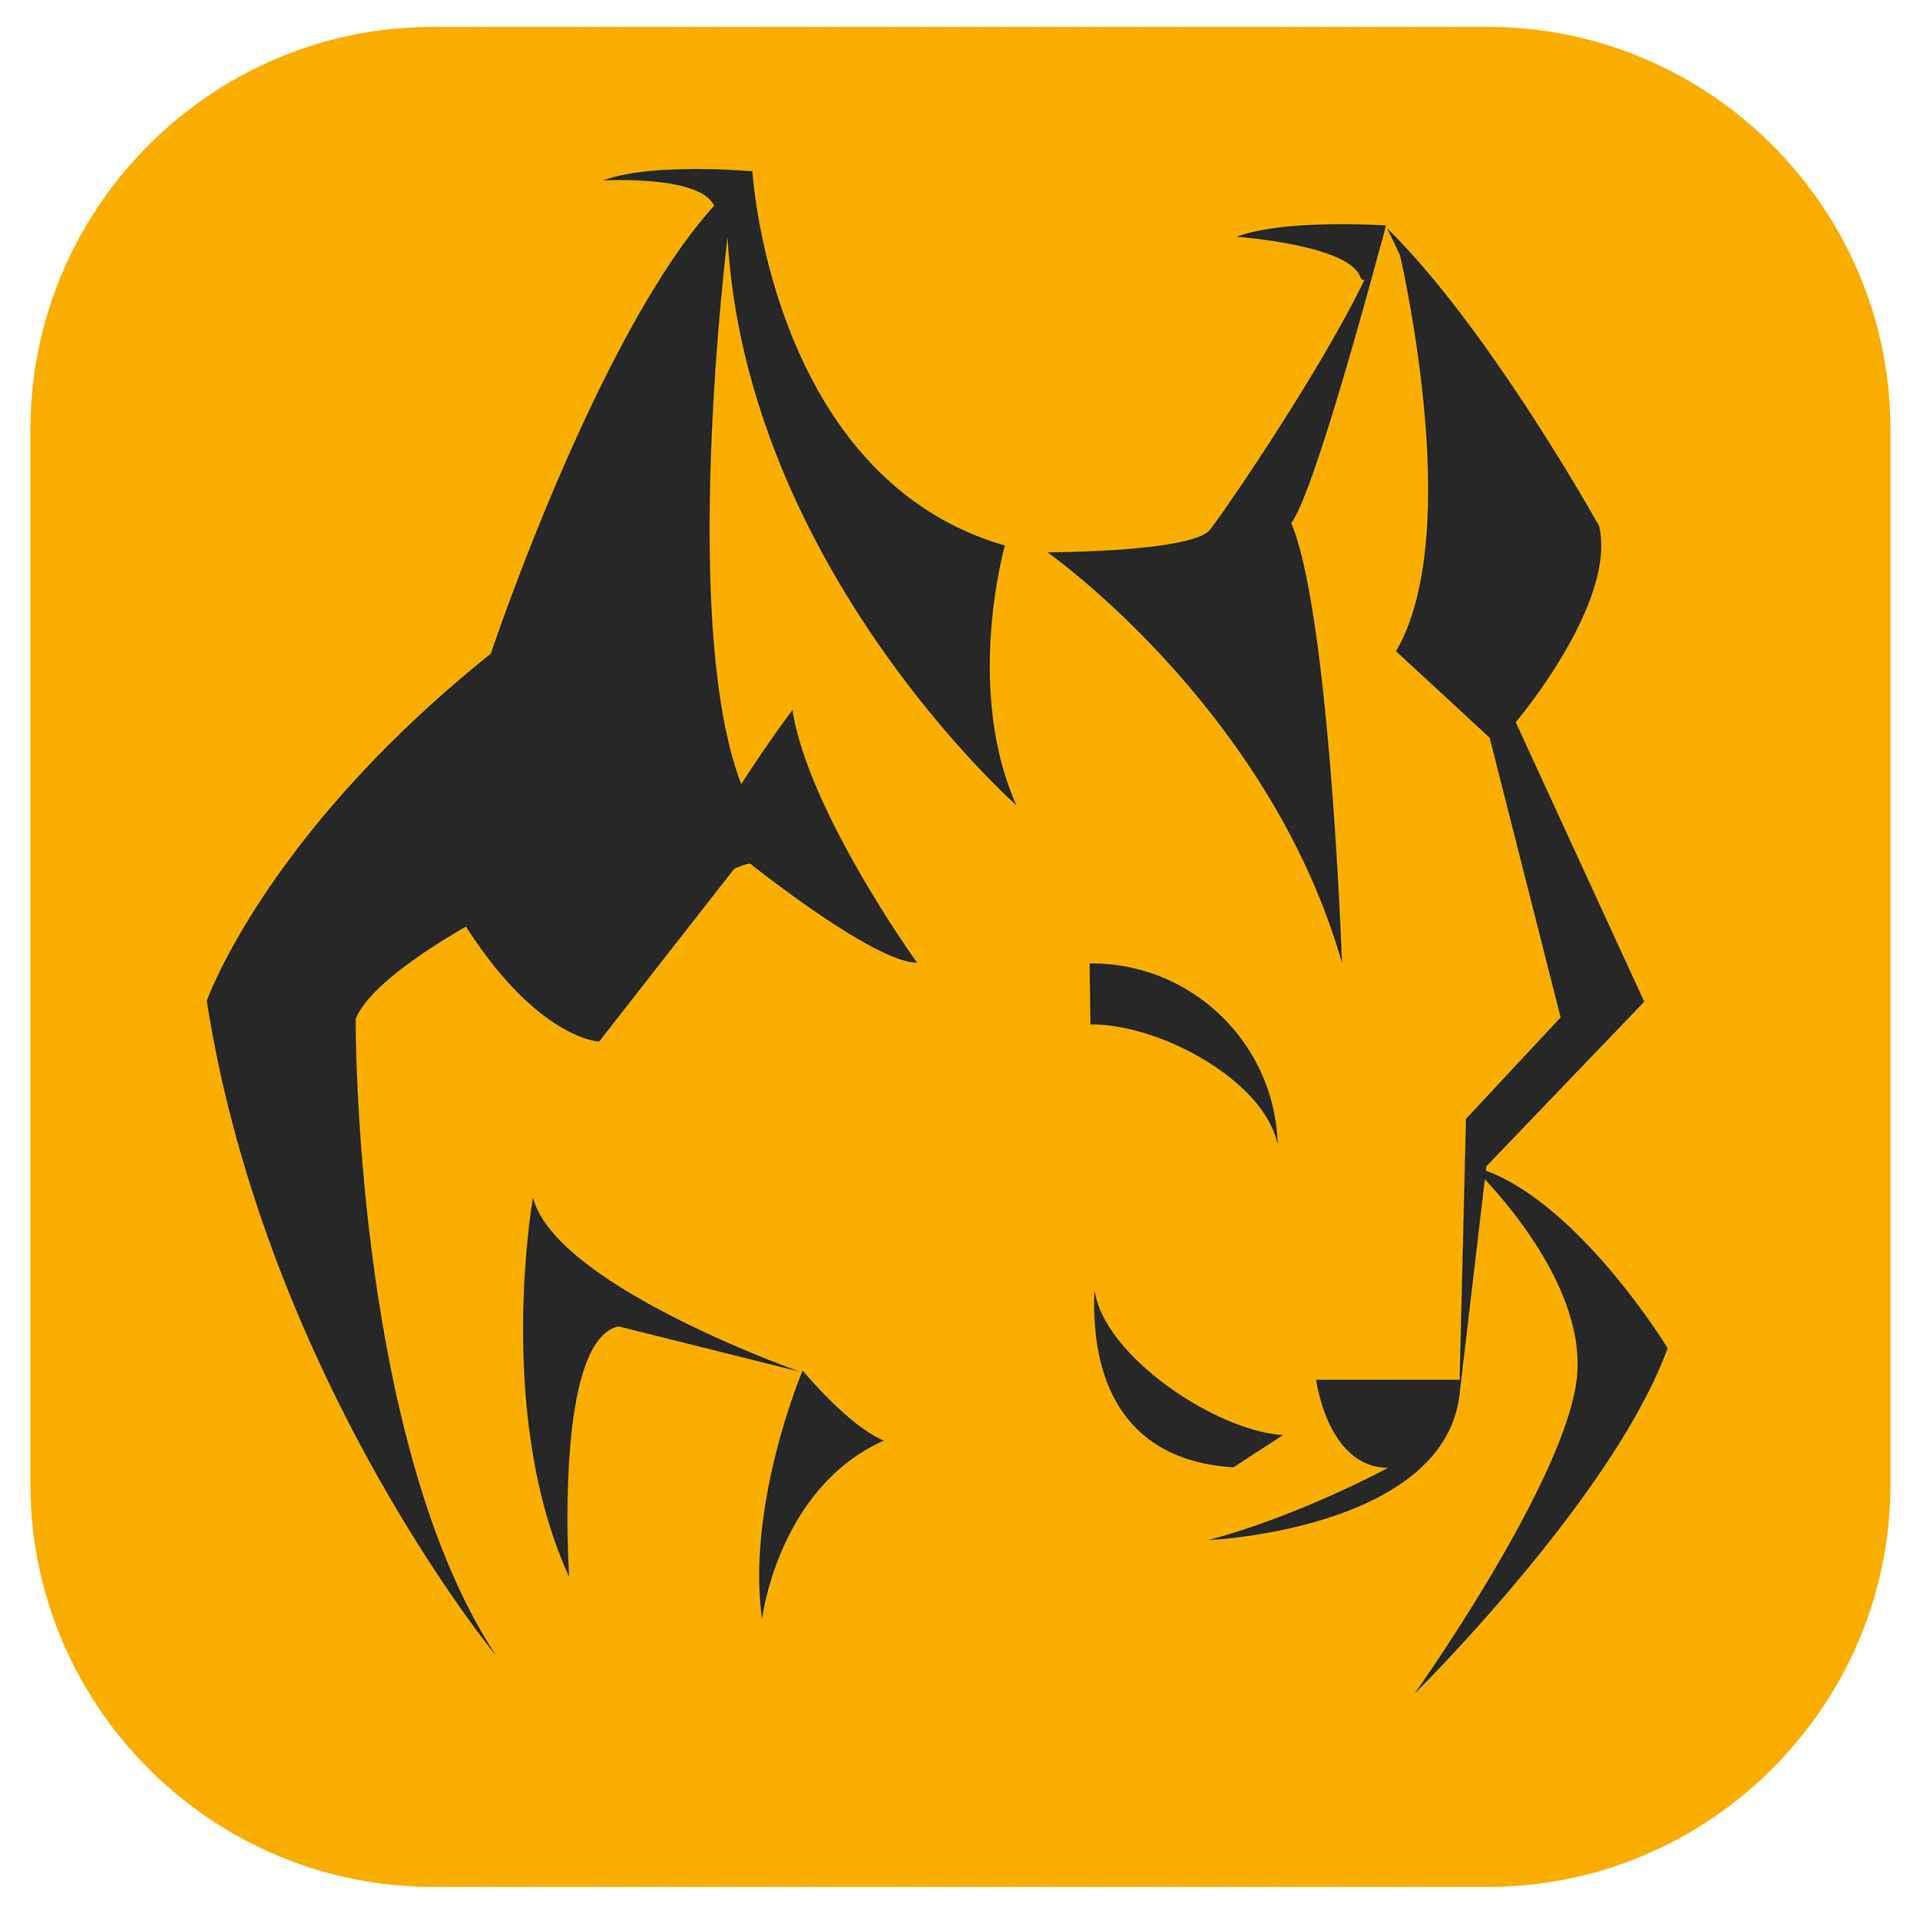 Der digitale Wanderbegleiter für Wanderpässe, Urkunden, Tourenplanung, Medaillen und Statistiken. SummitLynx ist eine mobile Bergsport- und Wander-App, mit der sich Nutzer weltweit per GPS auf Berggipfel und Wanderrouten eintragen und Erfolge in sozialen Netzwerken mit anderen teilen. www.summitlynx.com